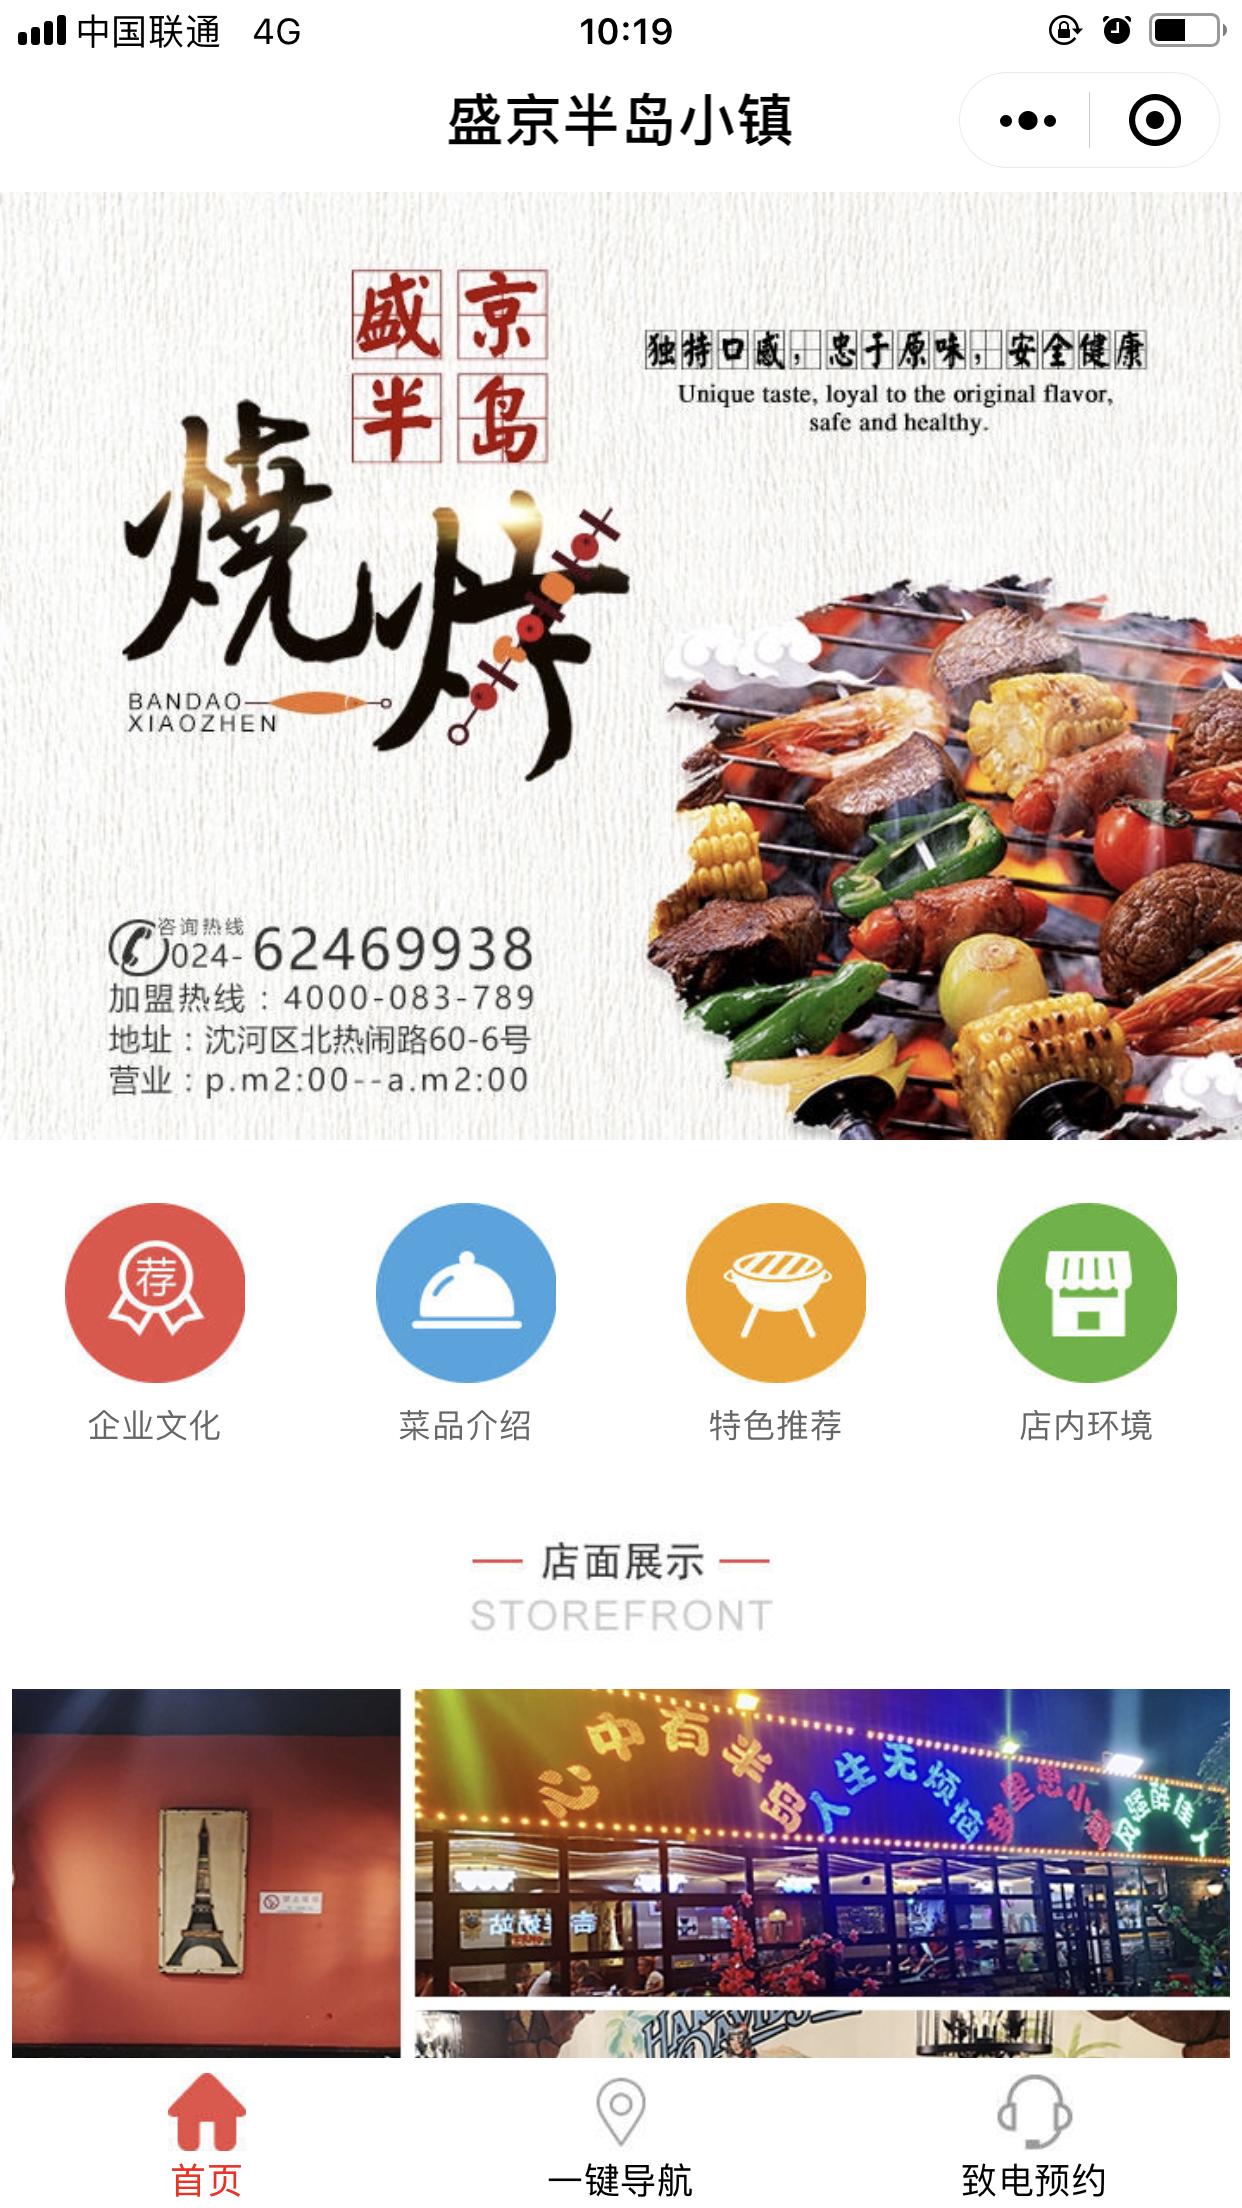 微信沈阳市盛京和半岛小镇烧烤店小程序